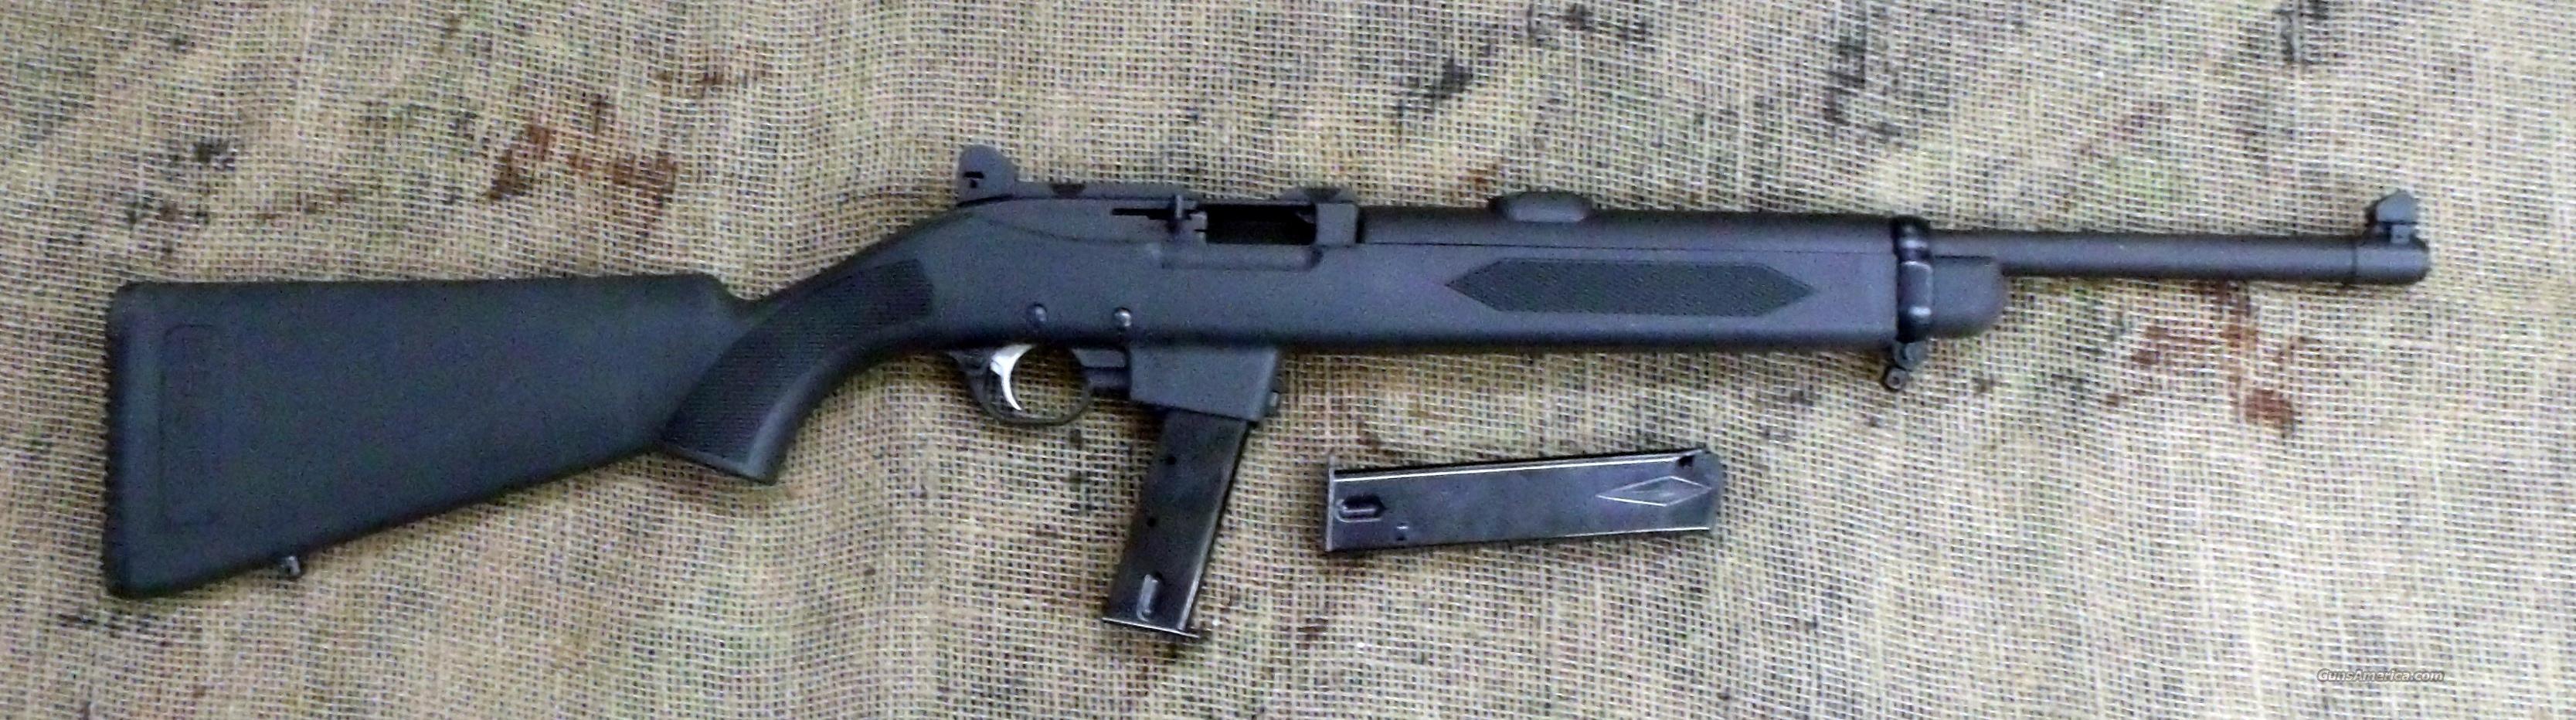 Precision Auto Sales >> RUGER PC9 Semi-Auto Carbine 9x19mm for sale